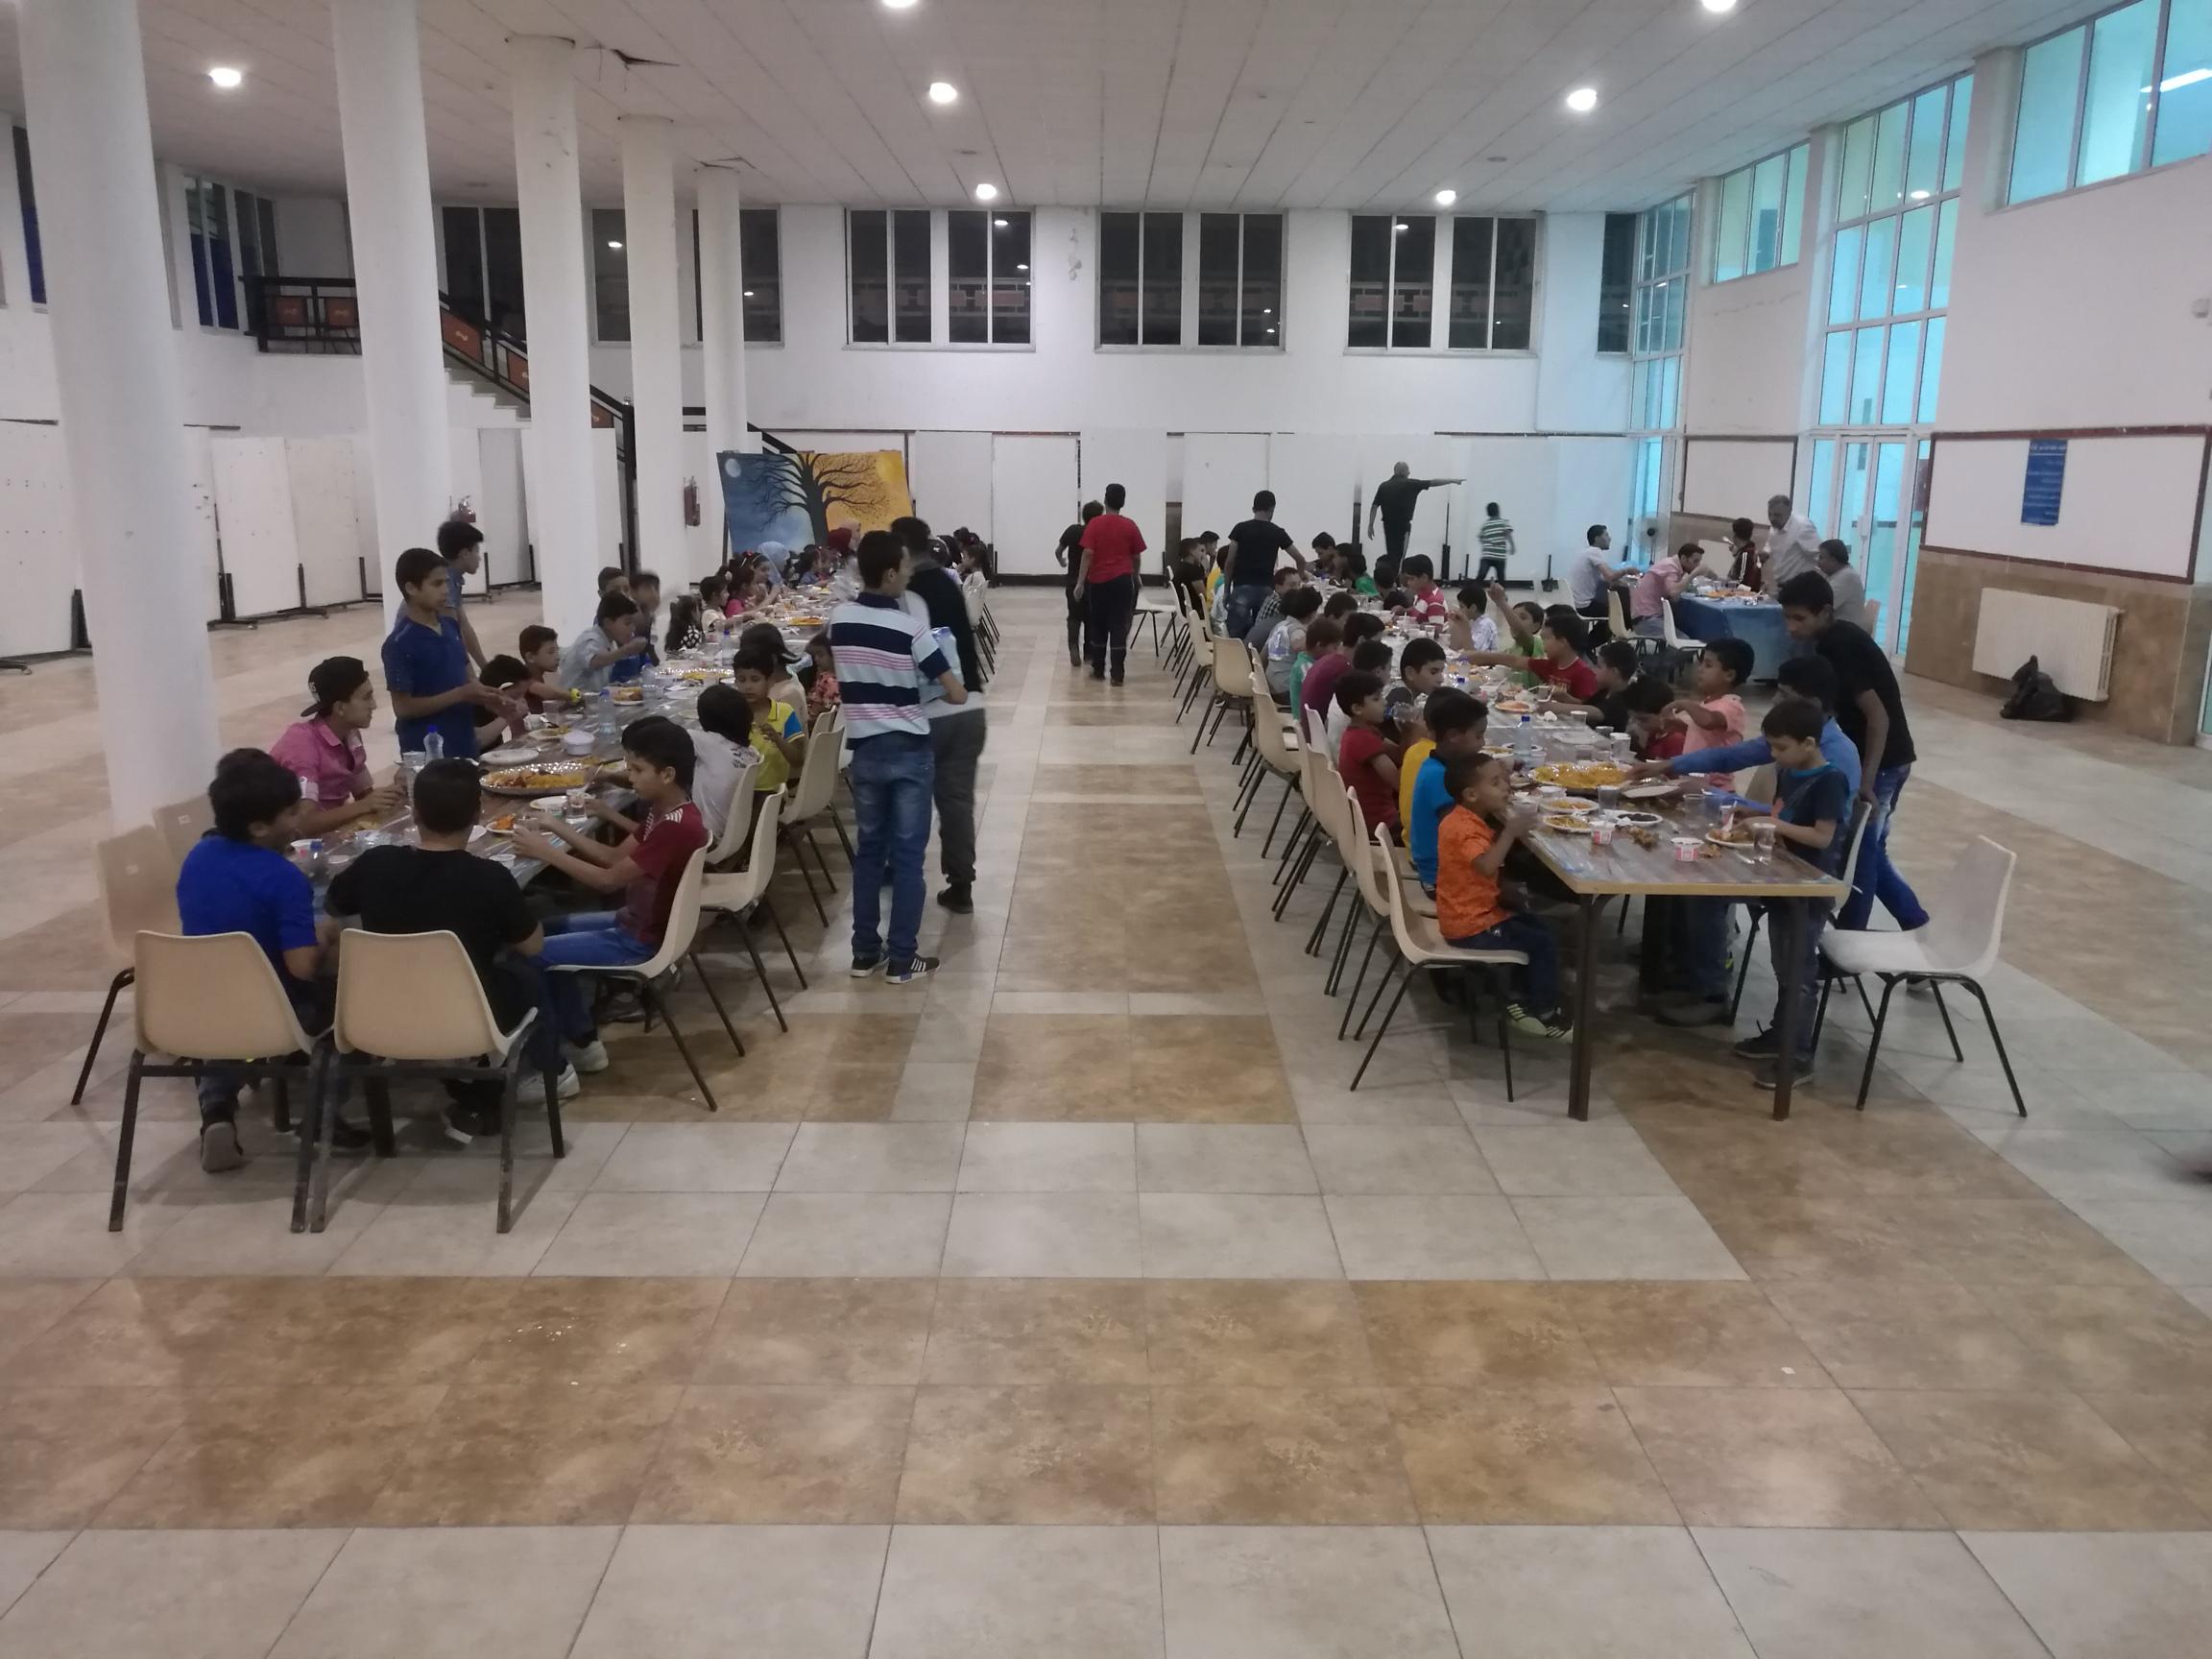 جامعة فيلادلفيا تقيم حفل إفطار رمضاني لإيتام جمعية ونادي مخيم سوف/جرش